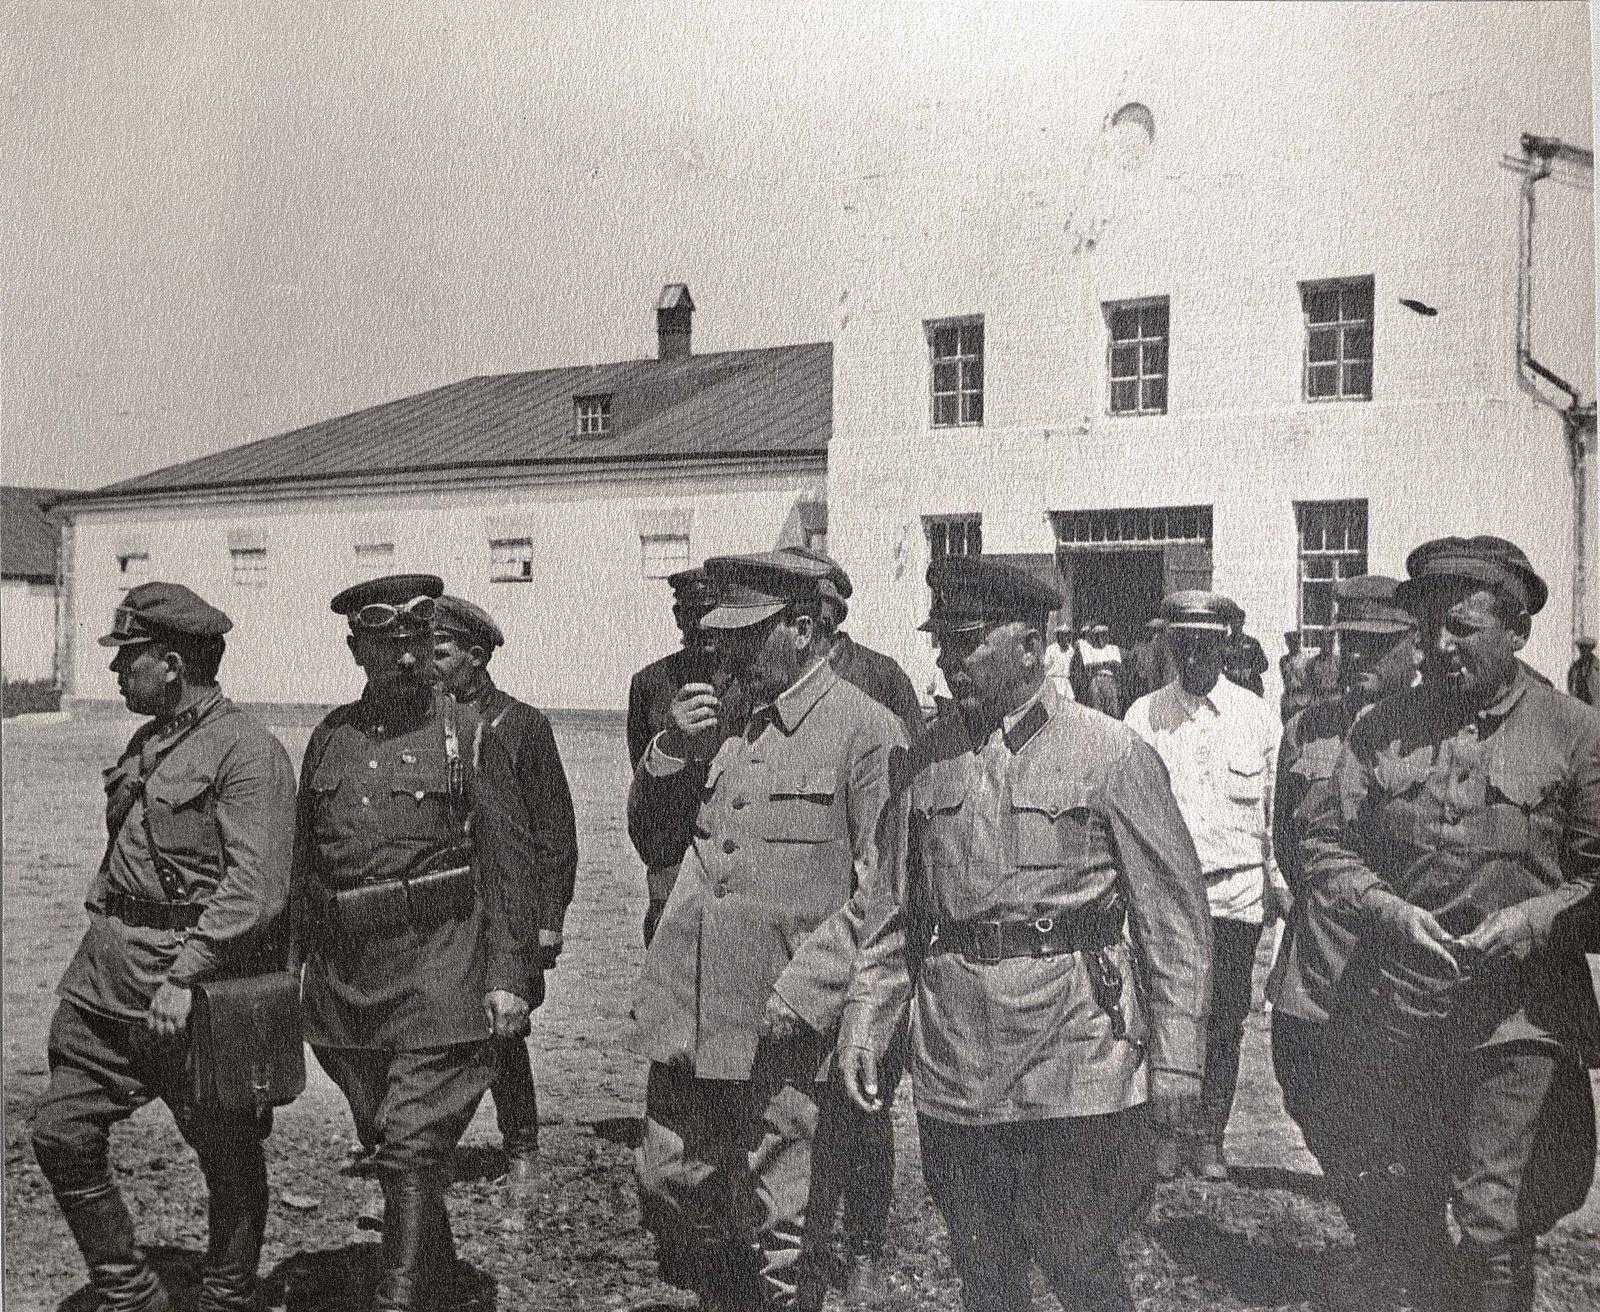 67. И.В. Сталин, К.Е. Ворошилов, С.М. Буденный с сотрудниками охраны во время посещения воинской части